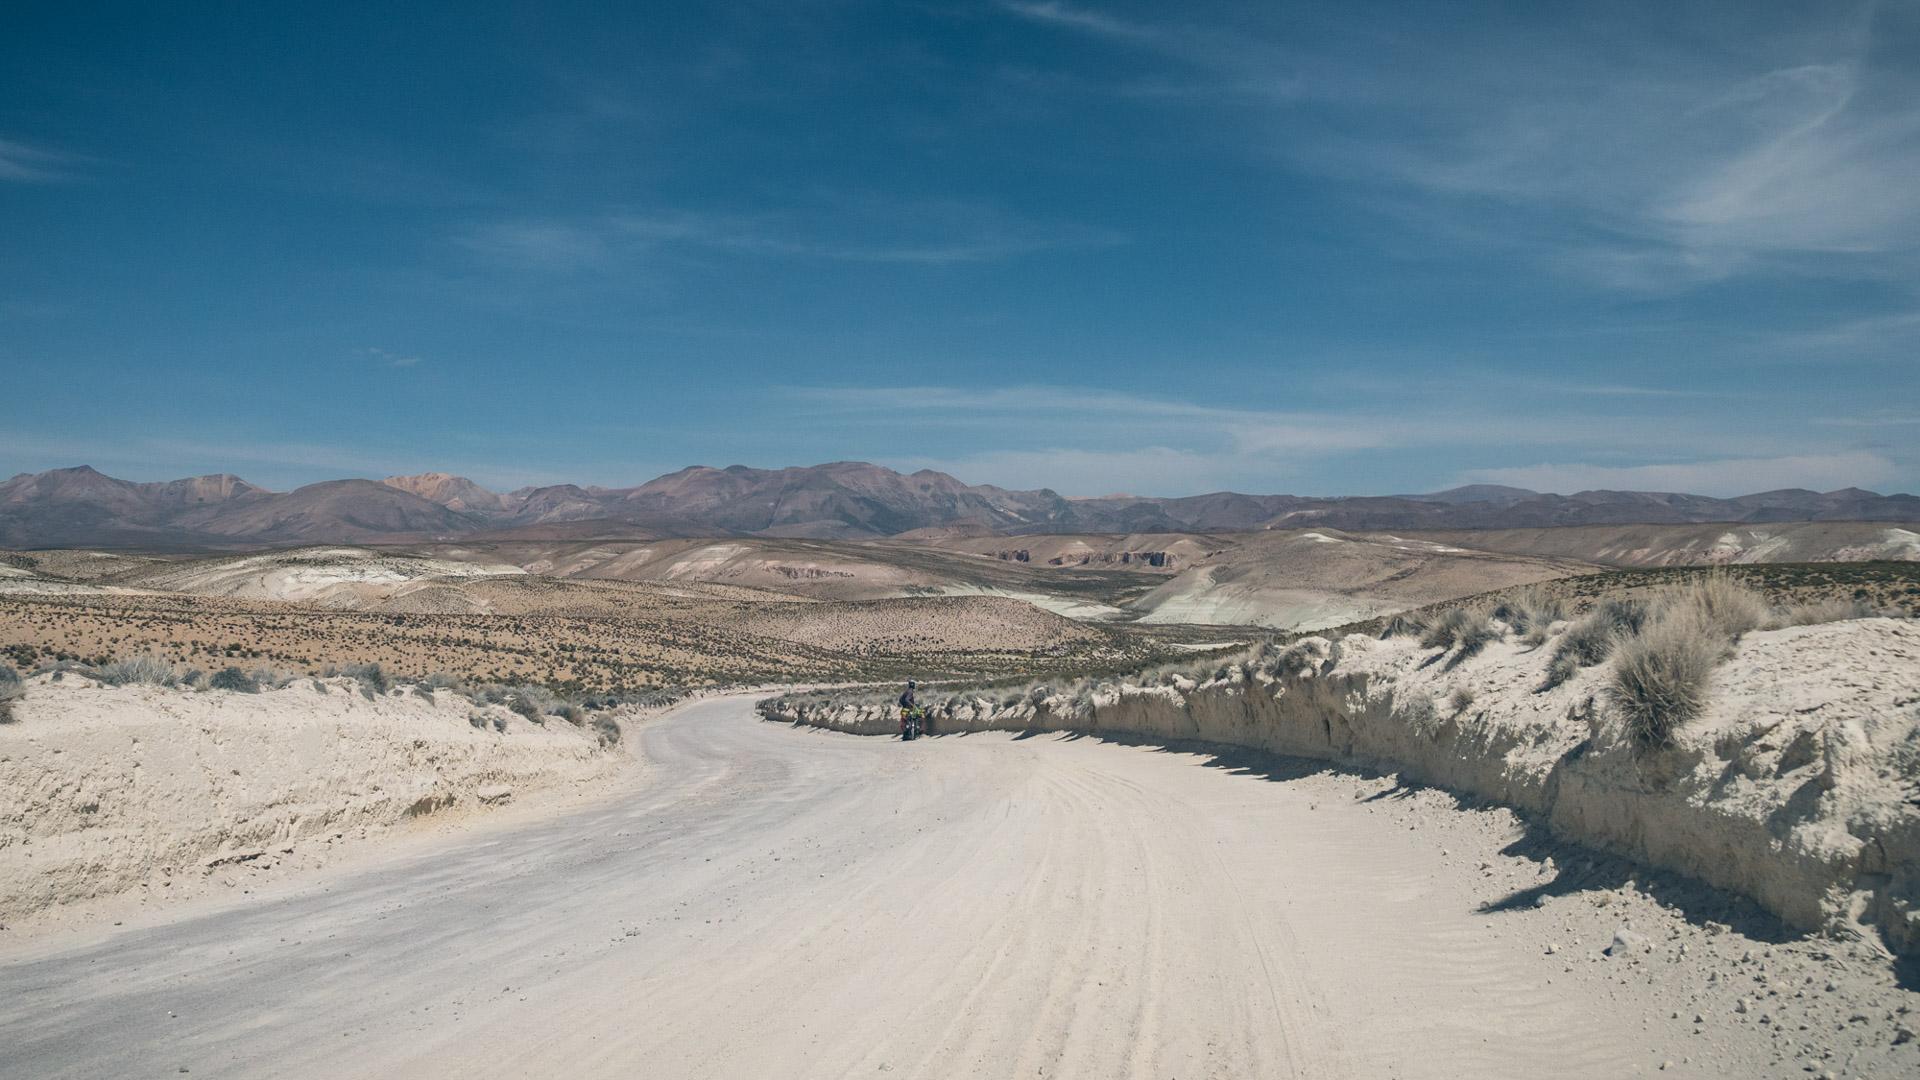 Paysage désertique mais magnifique